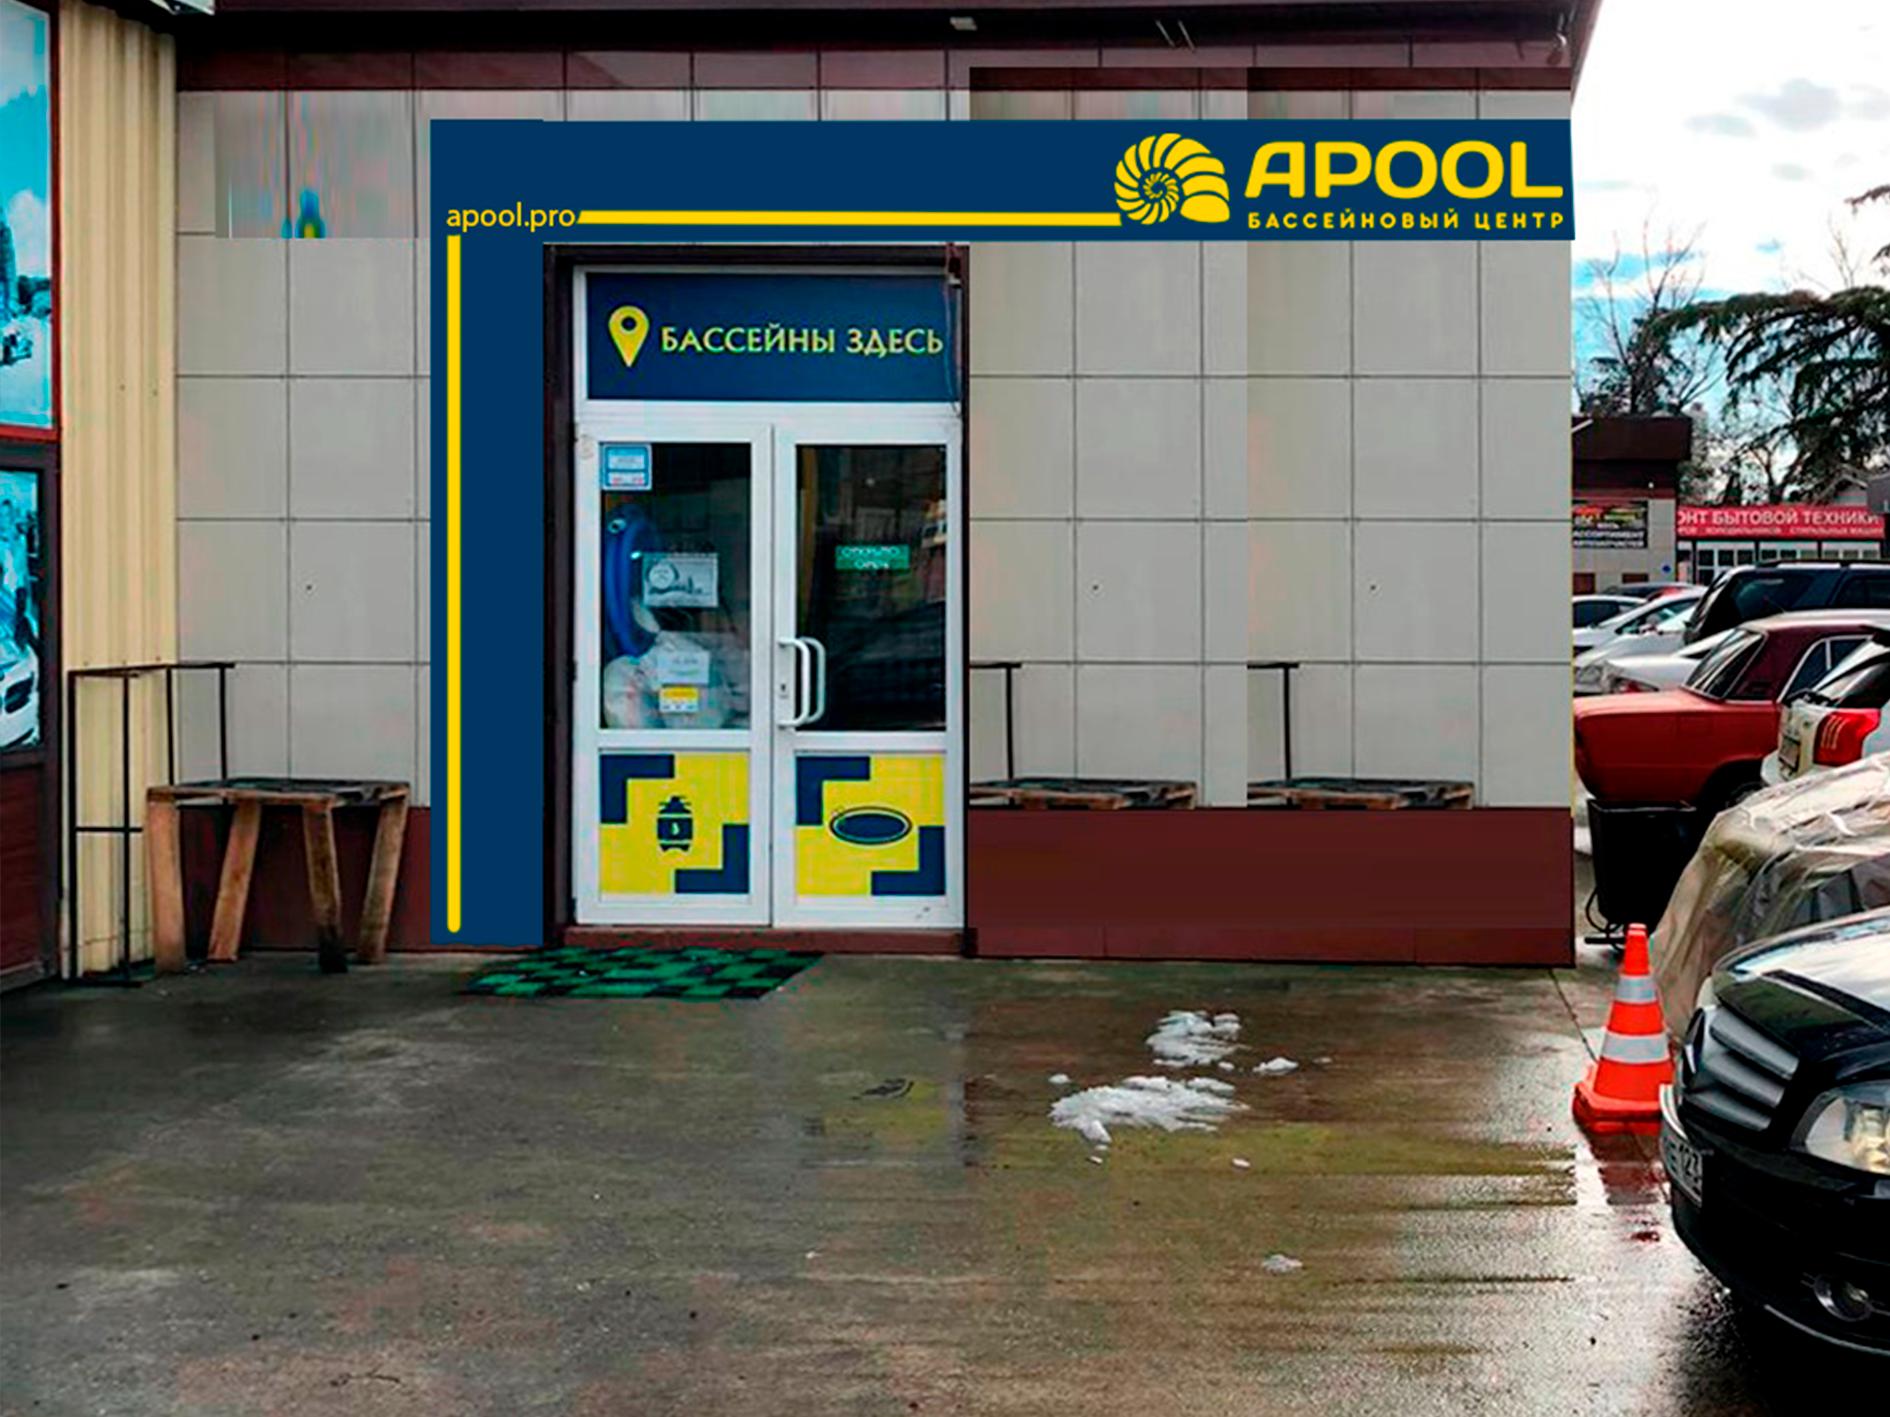 Бассейновый центр АПУЛ - Адлер, Энергетиков 11. Строительство бассейнов, обслуживание и ремонт.